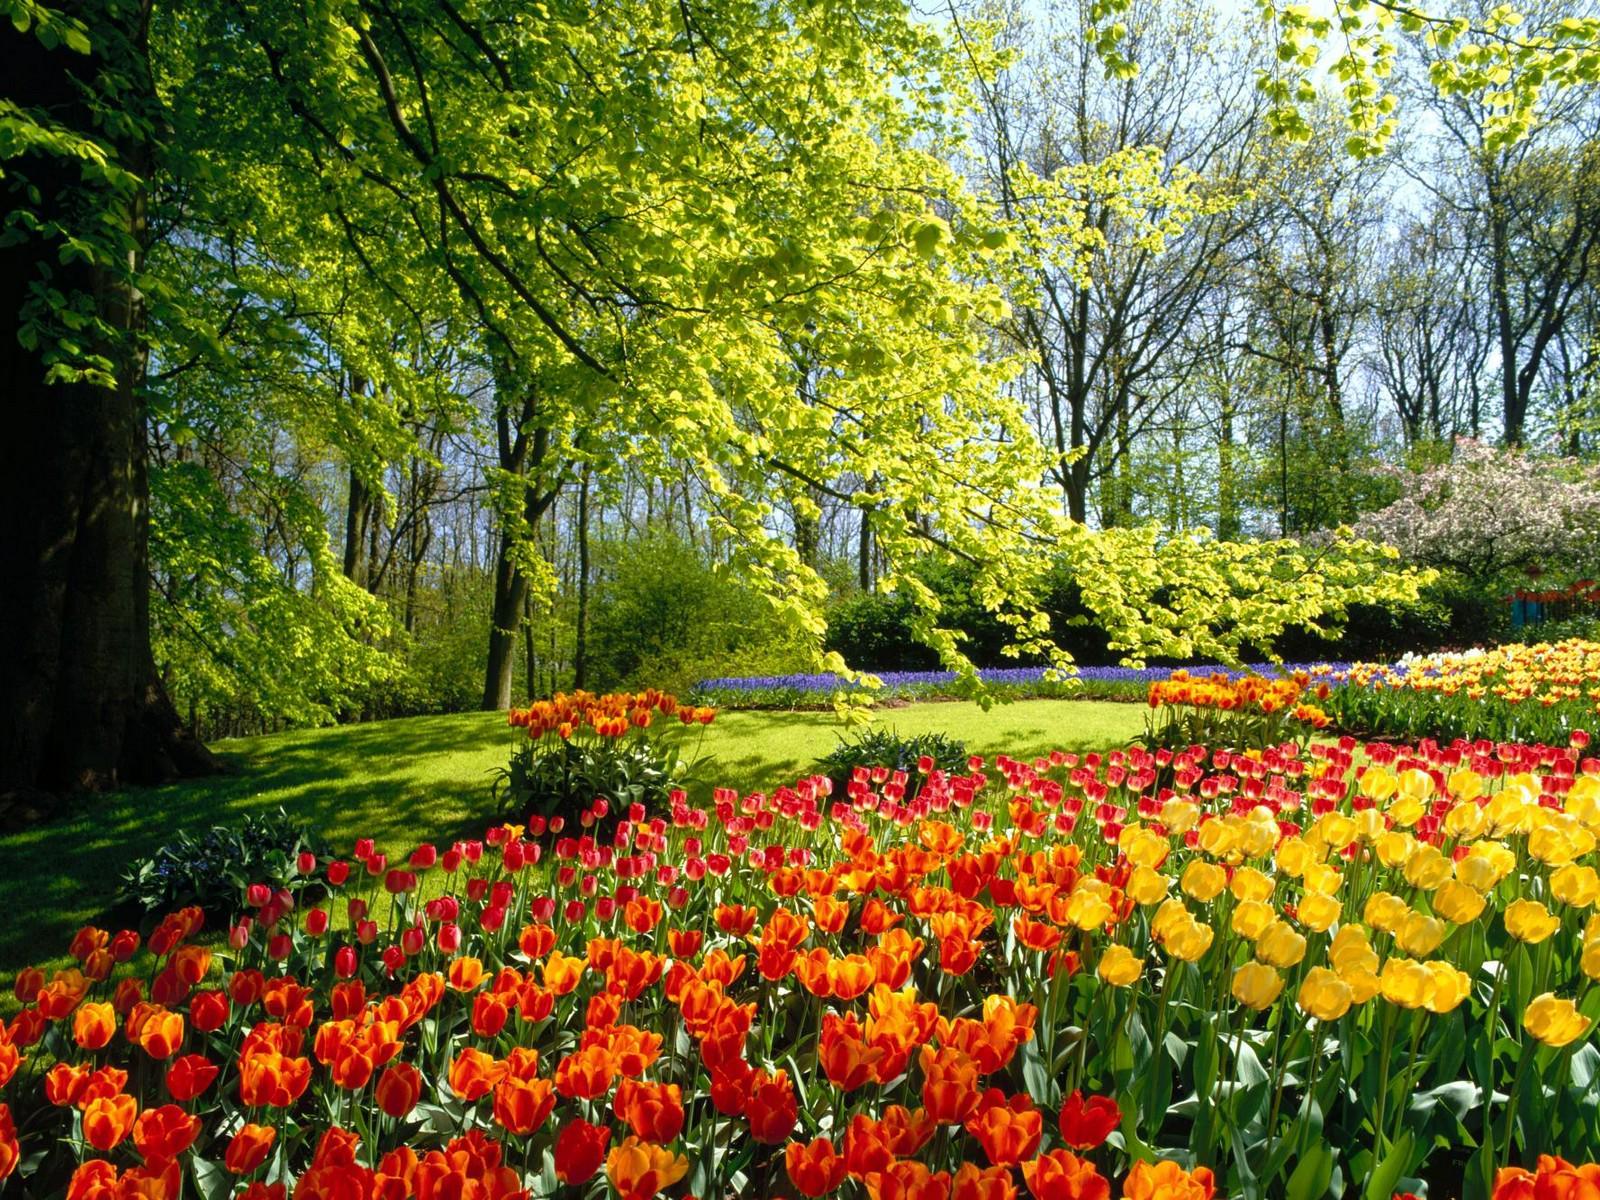 жидкие большие картинки весна на весь экран для